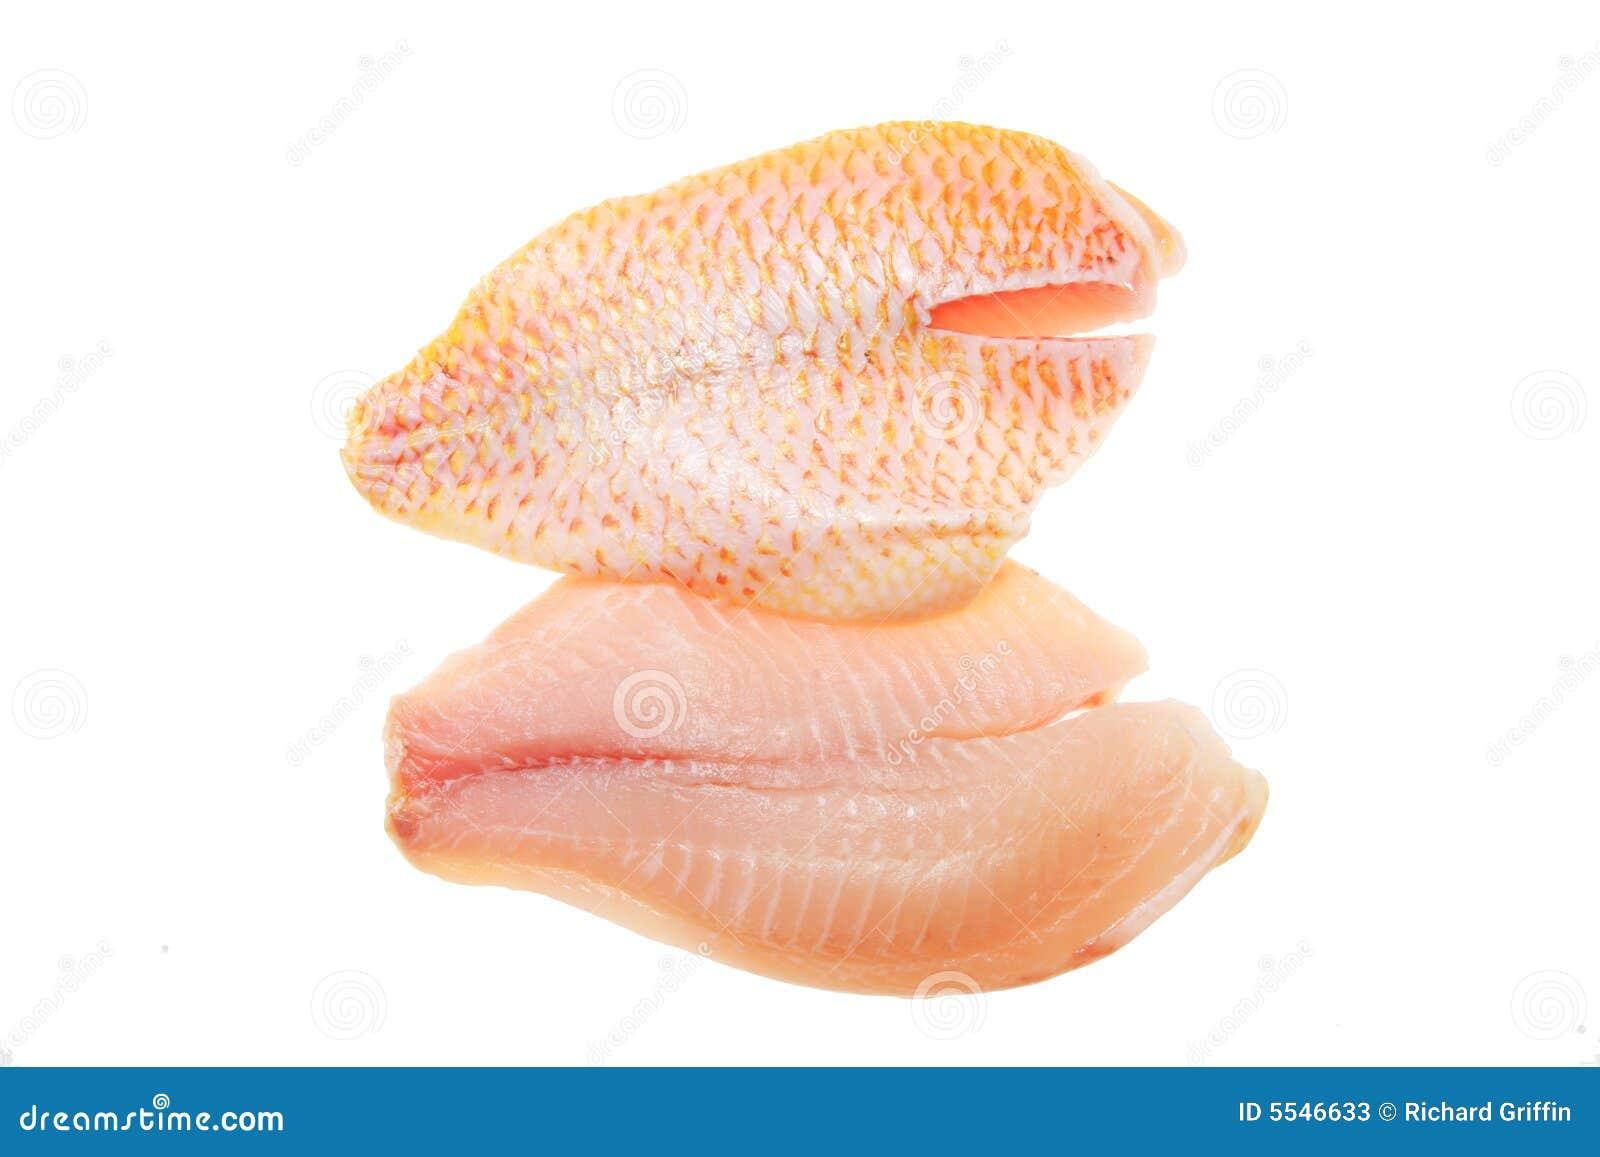 Red snapper fillets stock image image of fillet meat for Red fish fillet